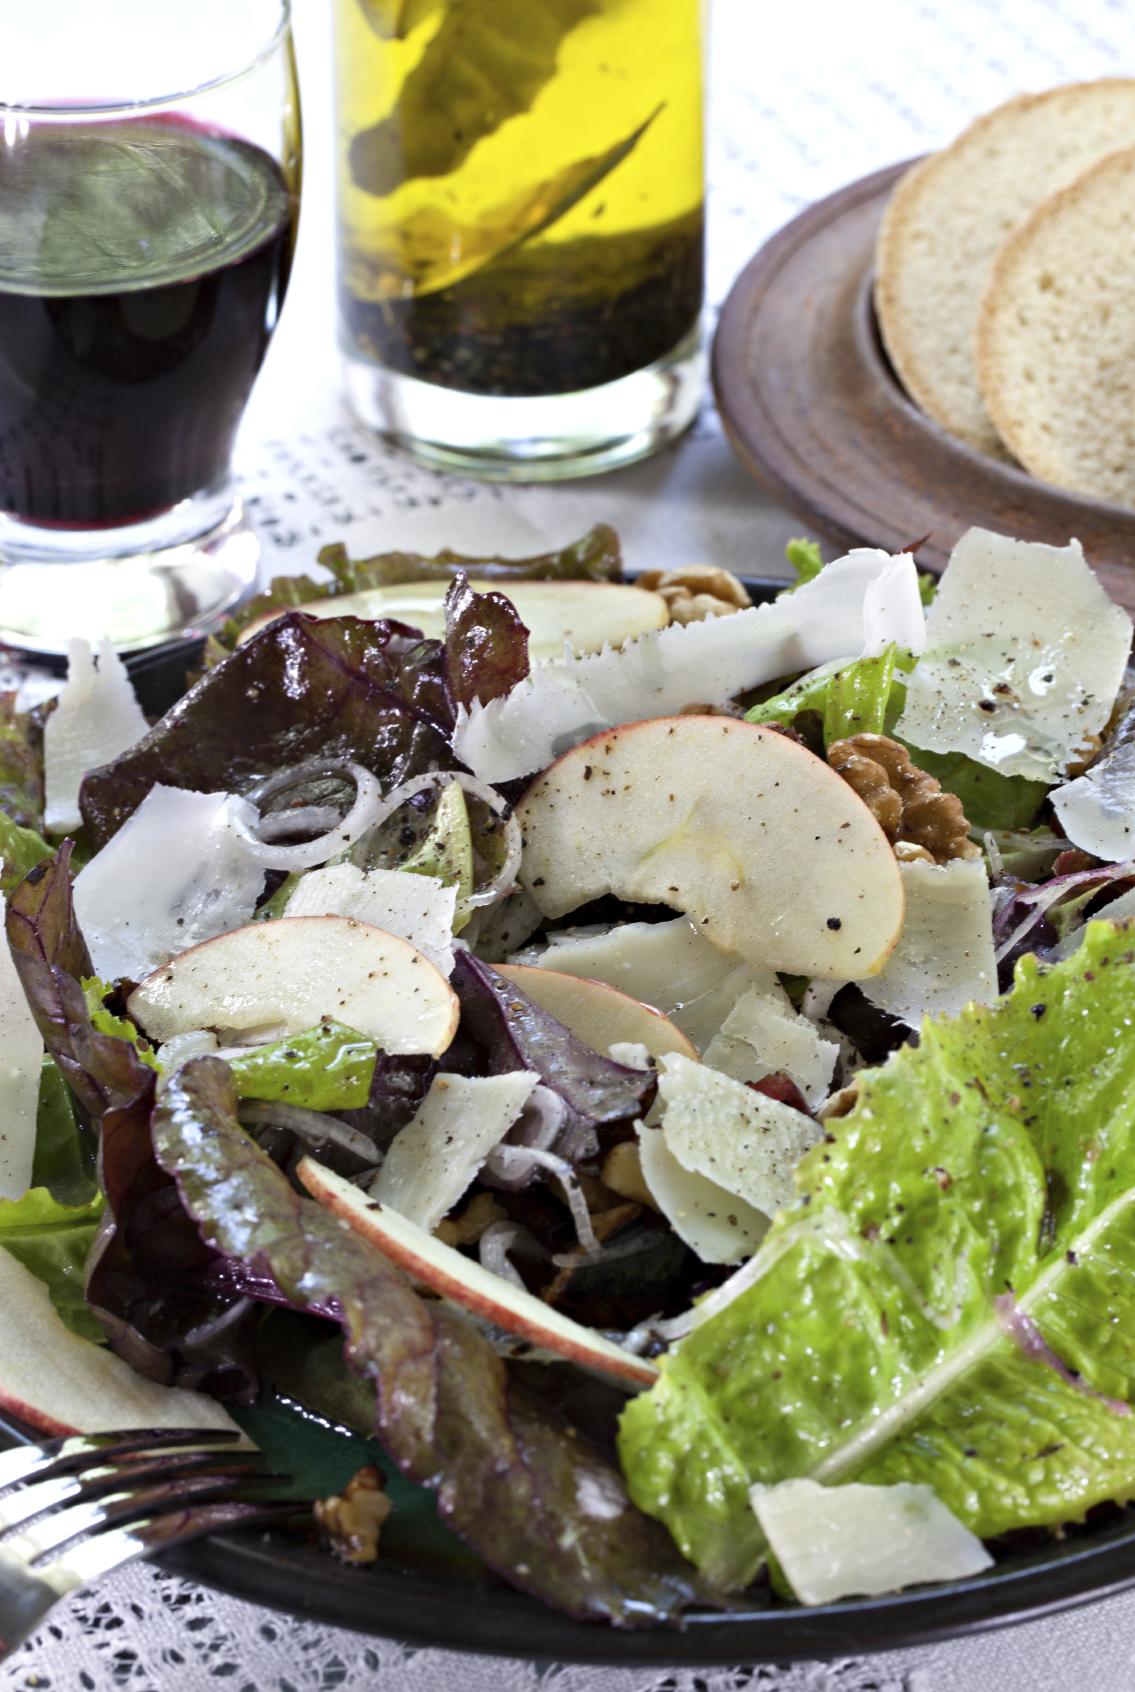 Ensalada con queso manchego y frutos secos